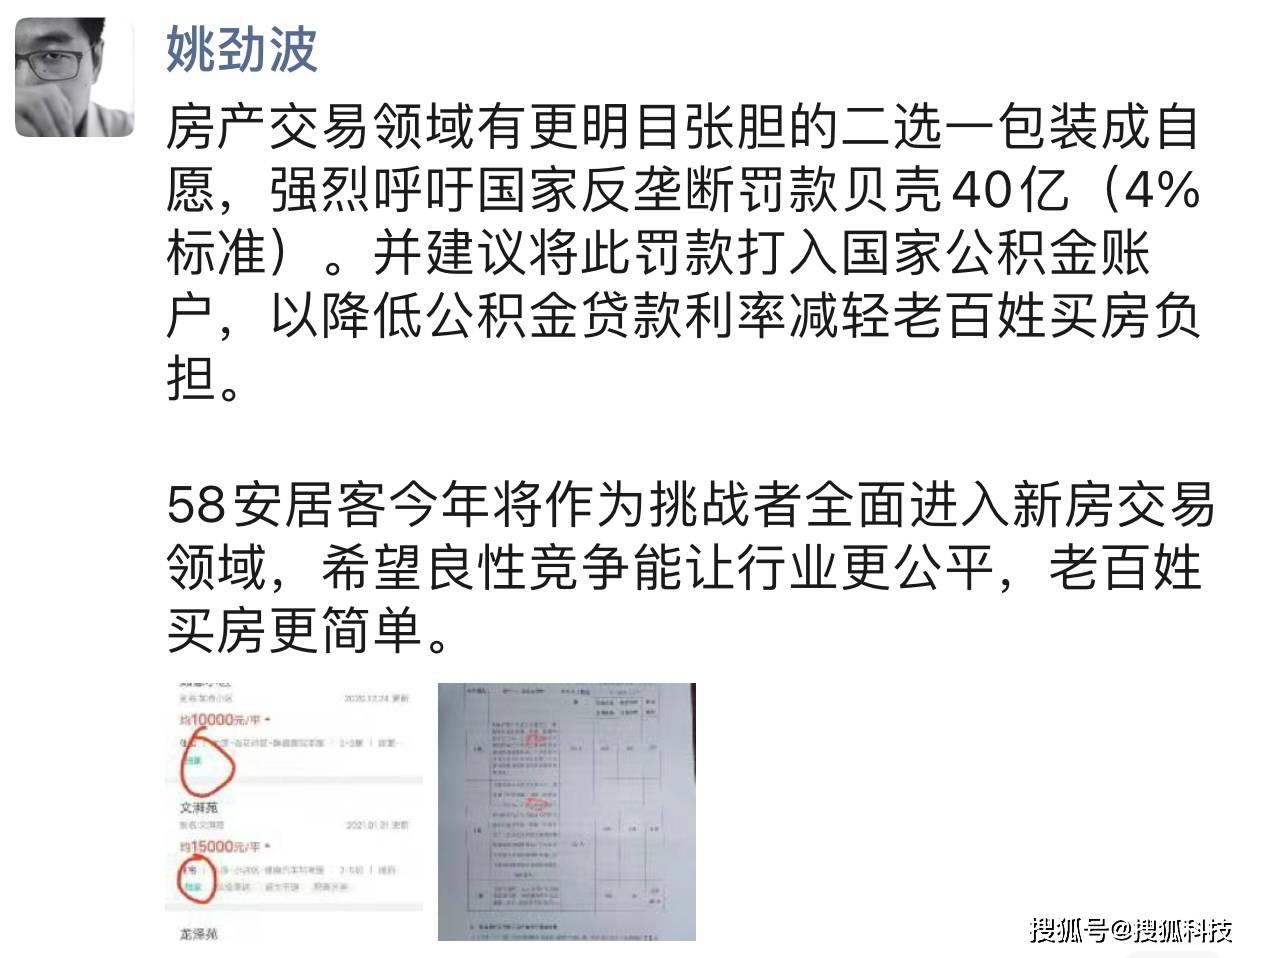 """58同城姚劲波:贝壳将""""二选一""""包装成自愿,呼吁国家反垄断罚款40亿元"""